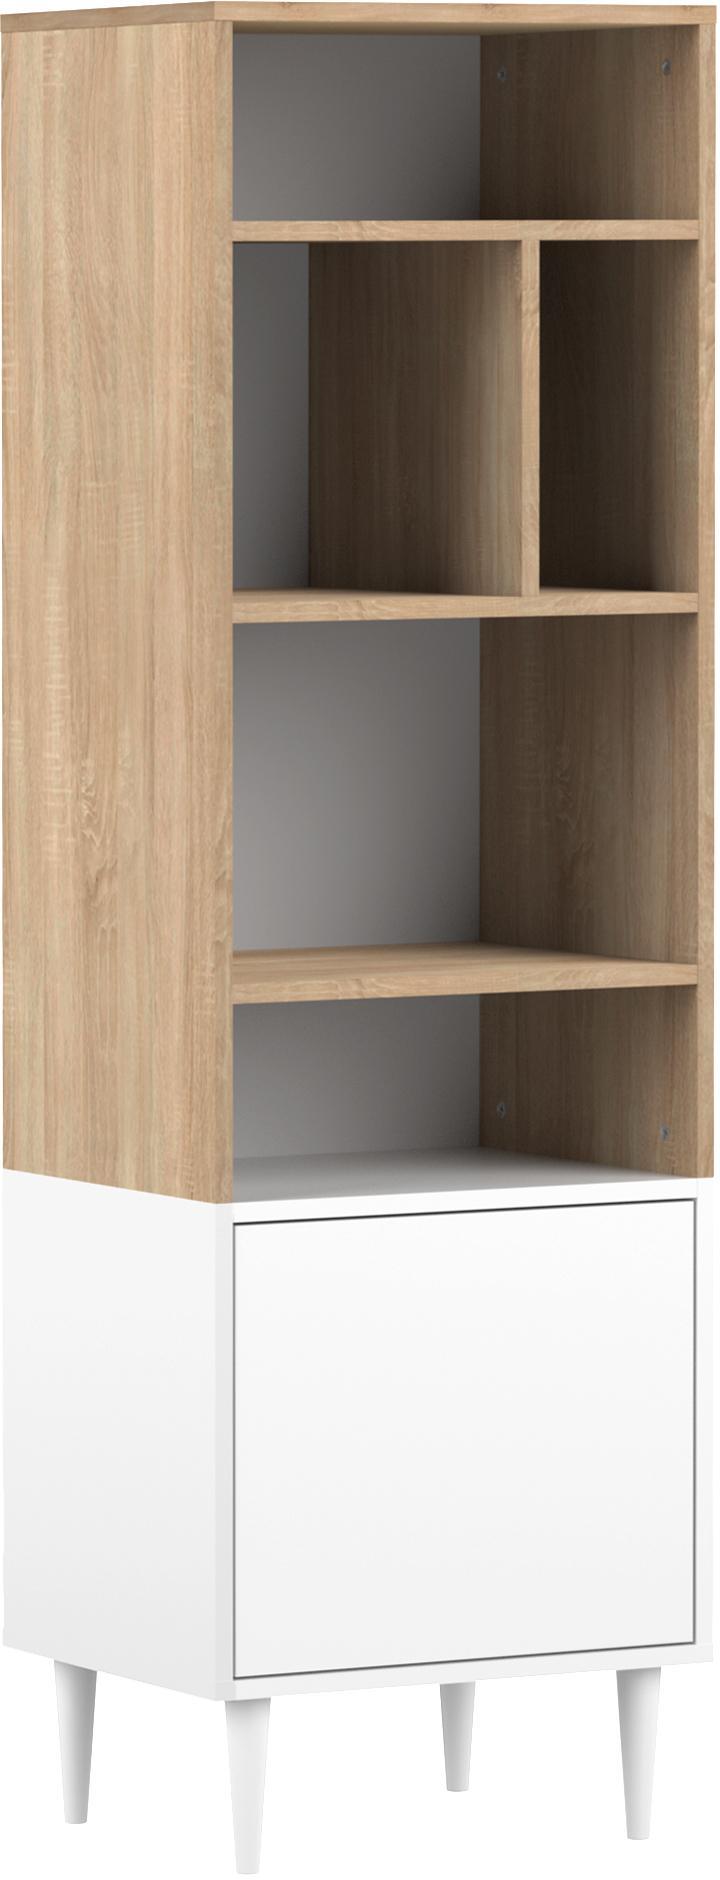 Schmales Standregal Horizon im Skandi Design, Korpus: Spanplatte, melaminbeschi, Eichenholz, Weiss, 47 x 153 cm